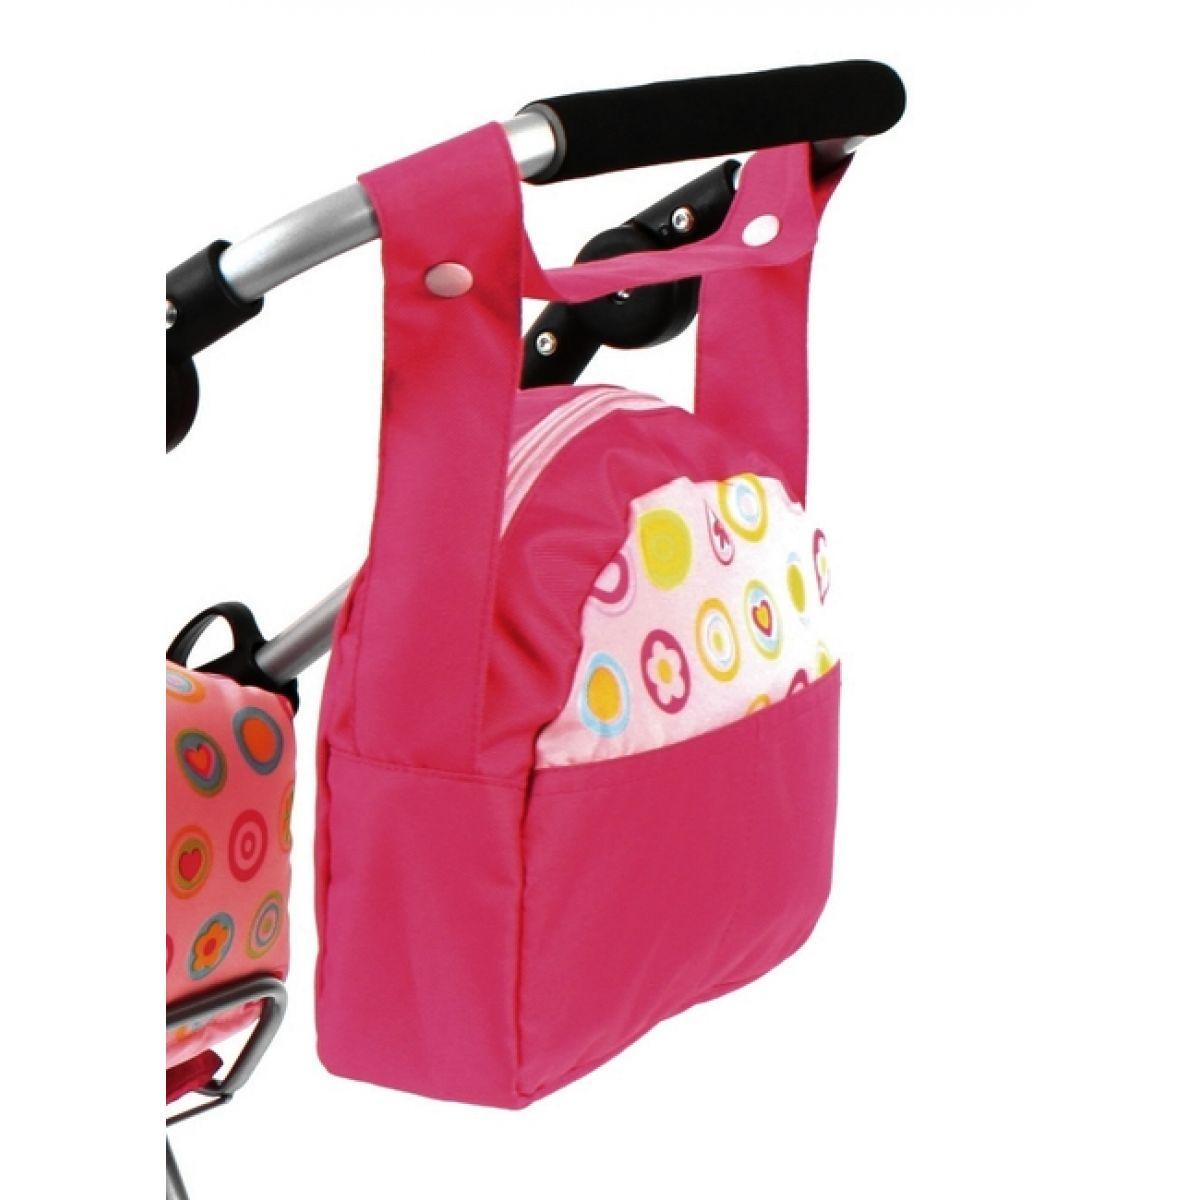 BAYER CHIC 2000 - 85364 - Přebalovací taška ke kočárku pro panenky - Galaxy Pink